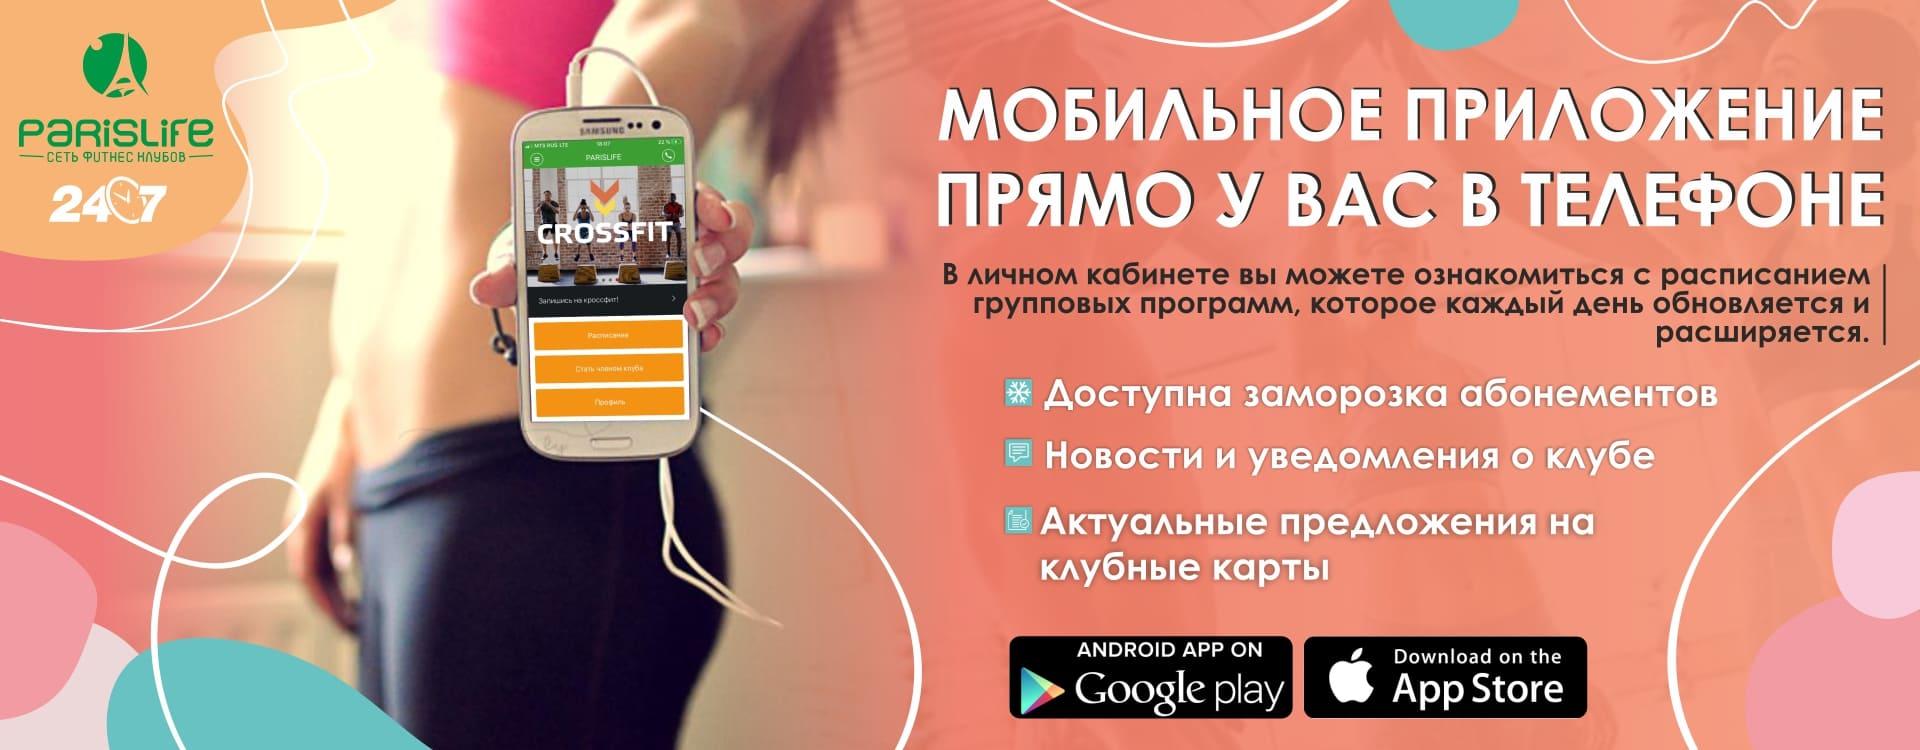 Телефоны спортивных клубов москвы ночной клуб спб канал